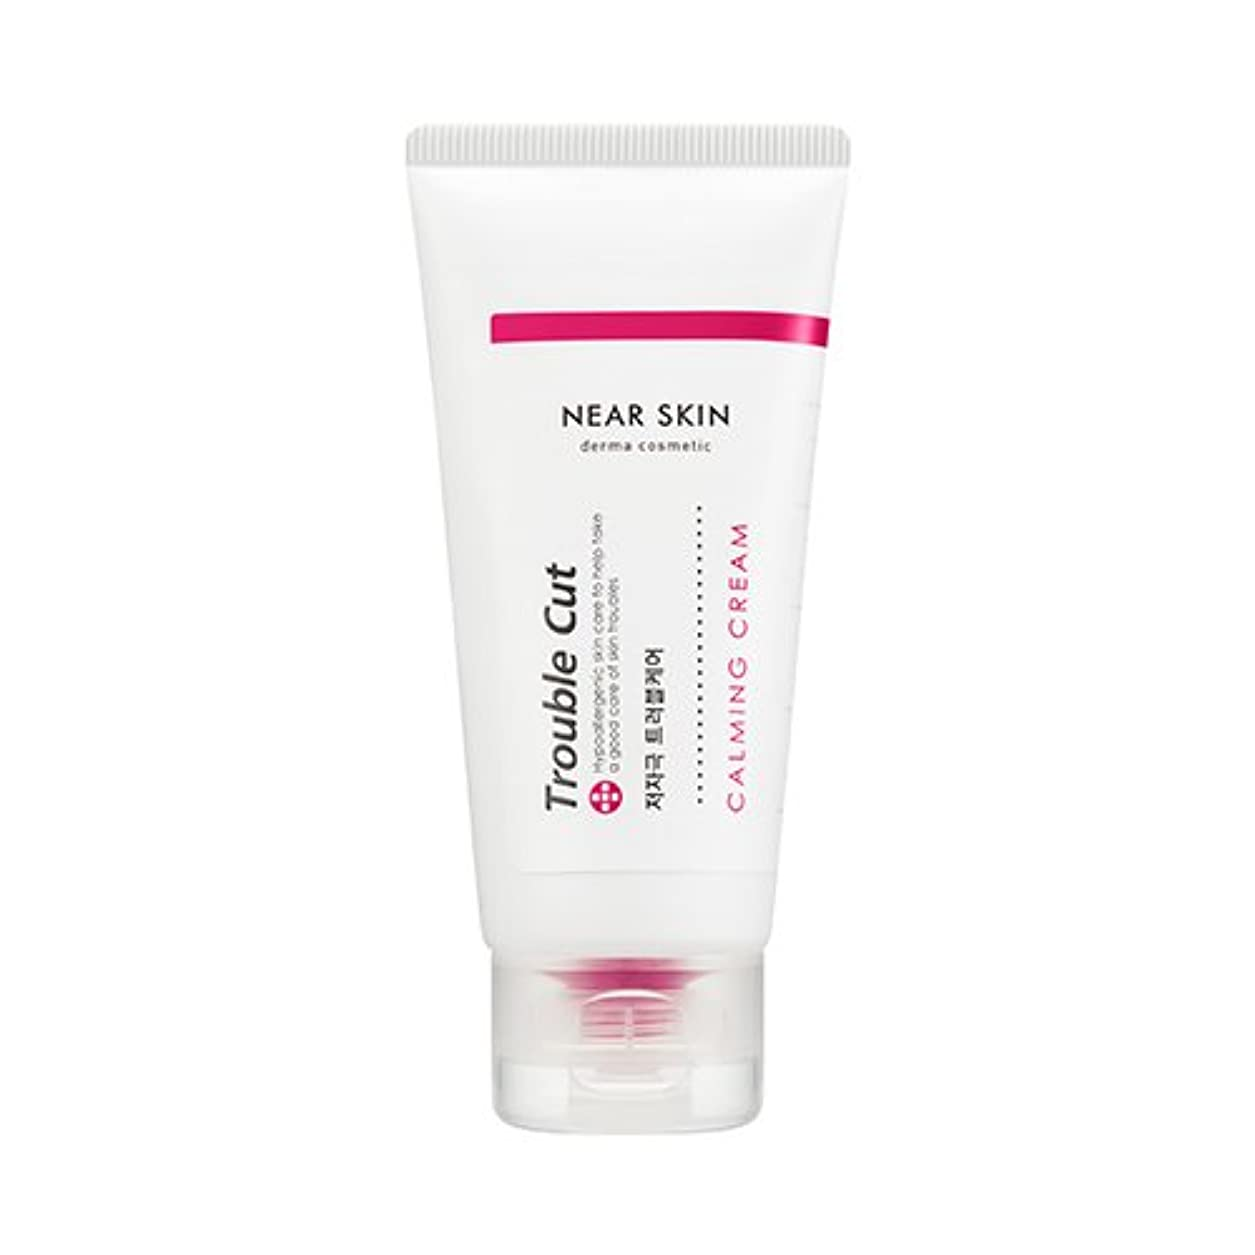 柔らかい足トンネル浸食MISSHA [Near Skin] Trouble Cut Calming Cream 20ml / ミシャ ニアスキン トラブルカットカミングクリーム [並行輸入品]